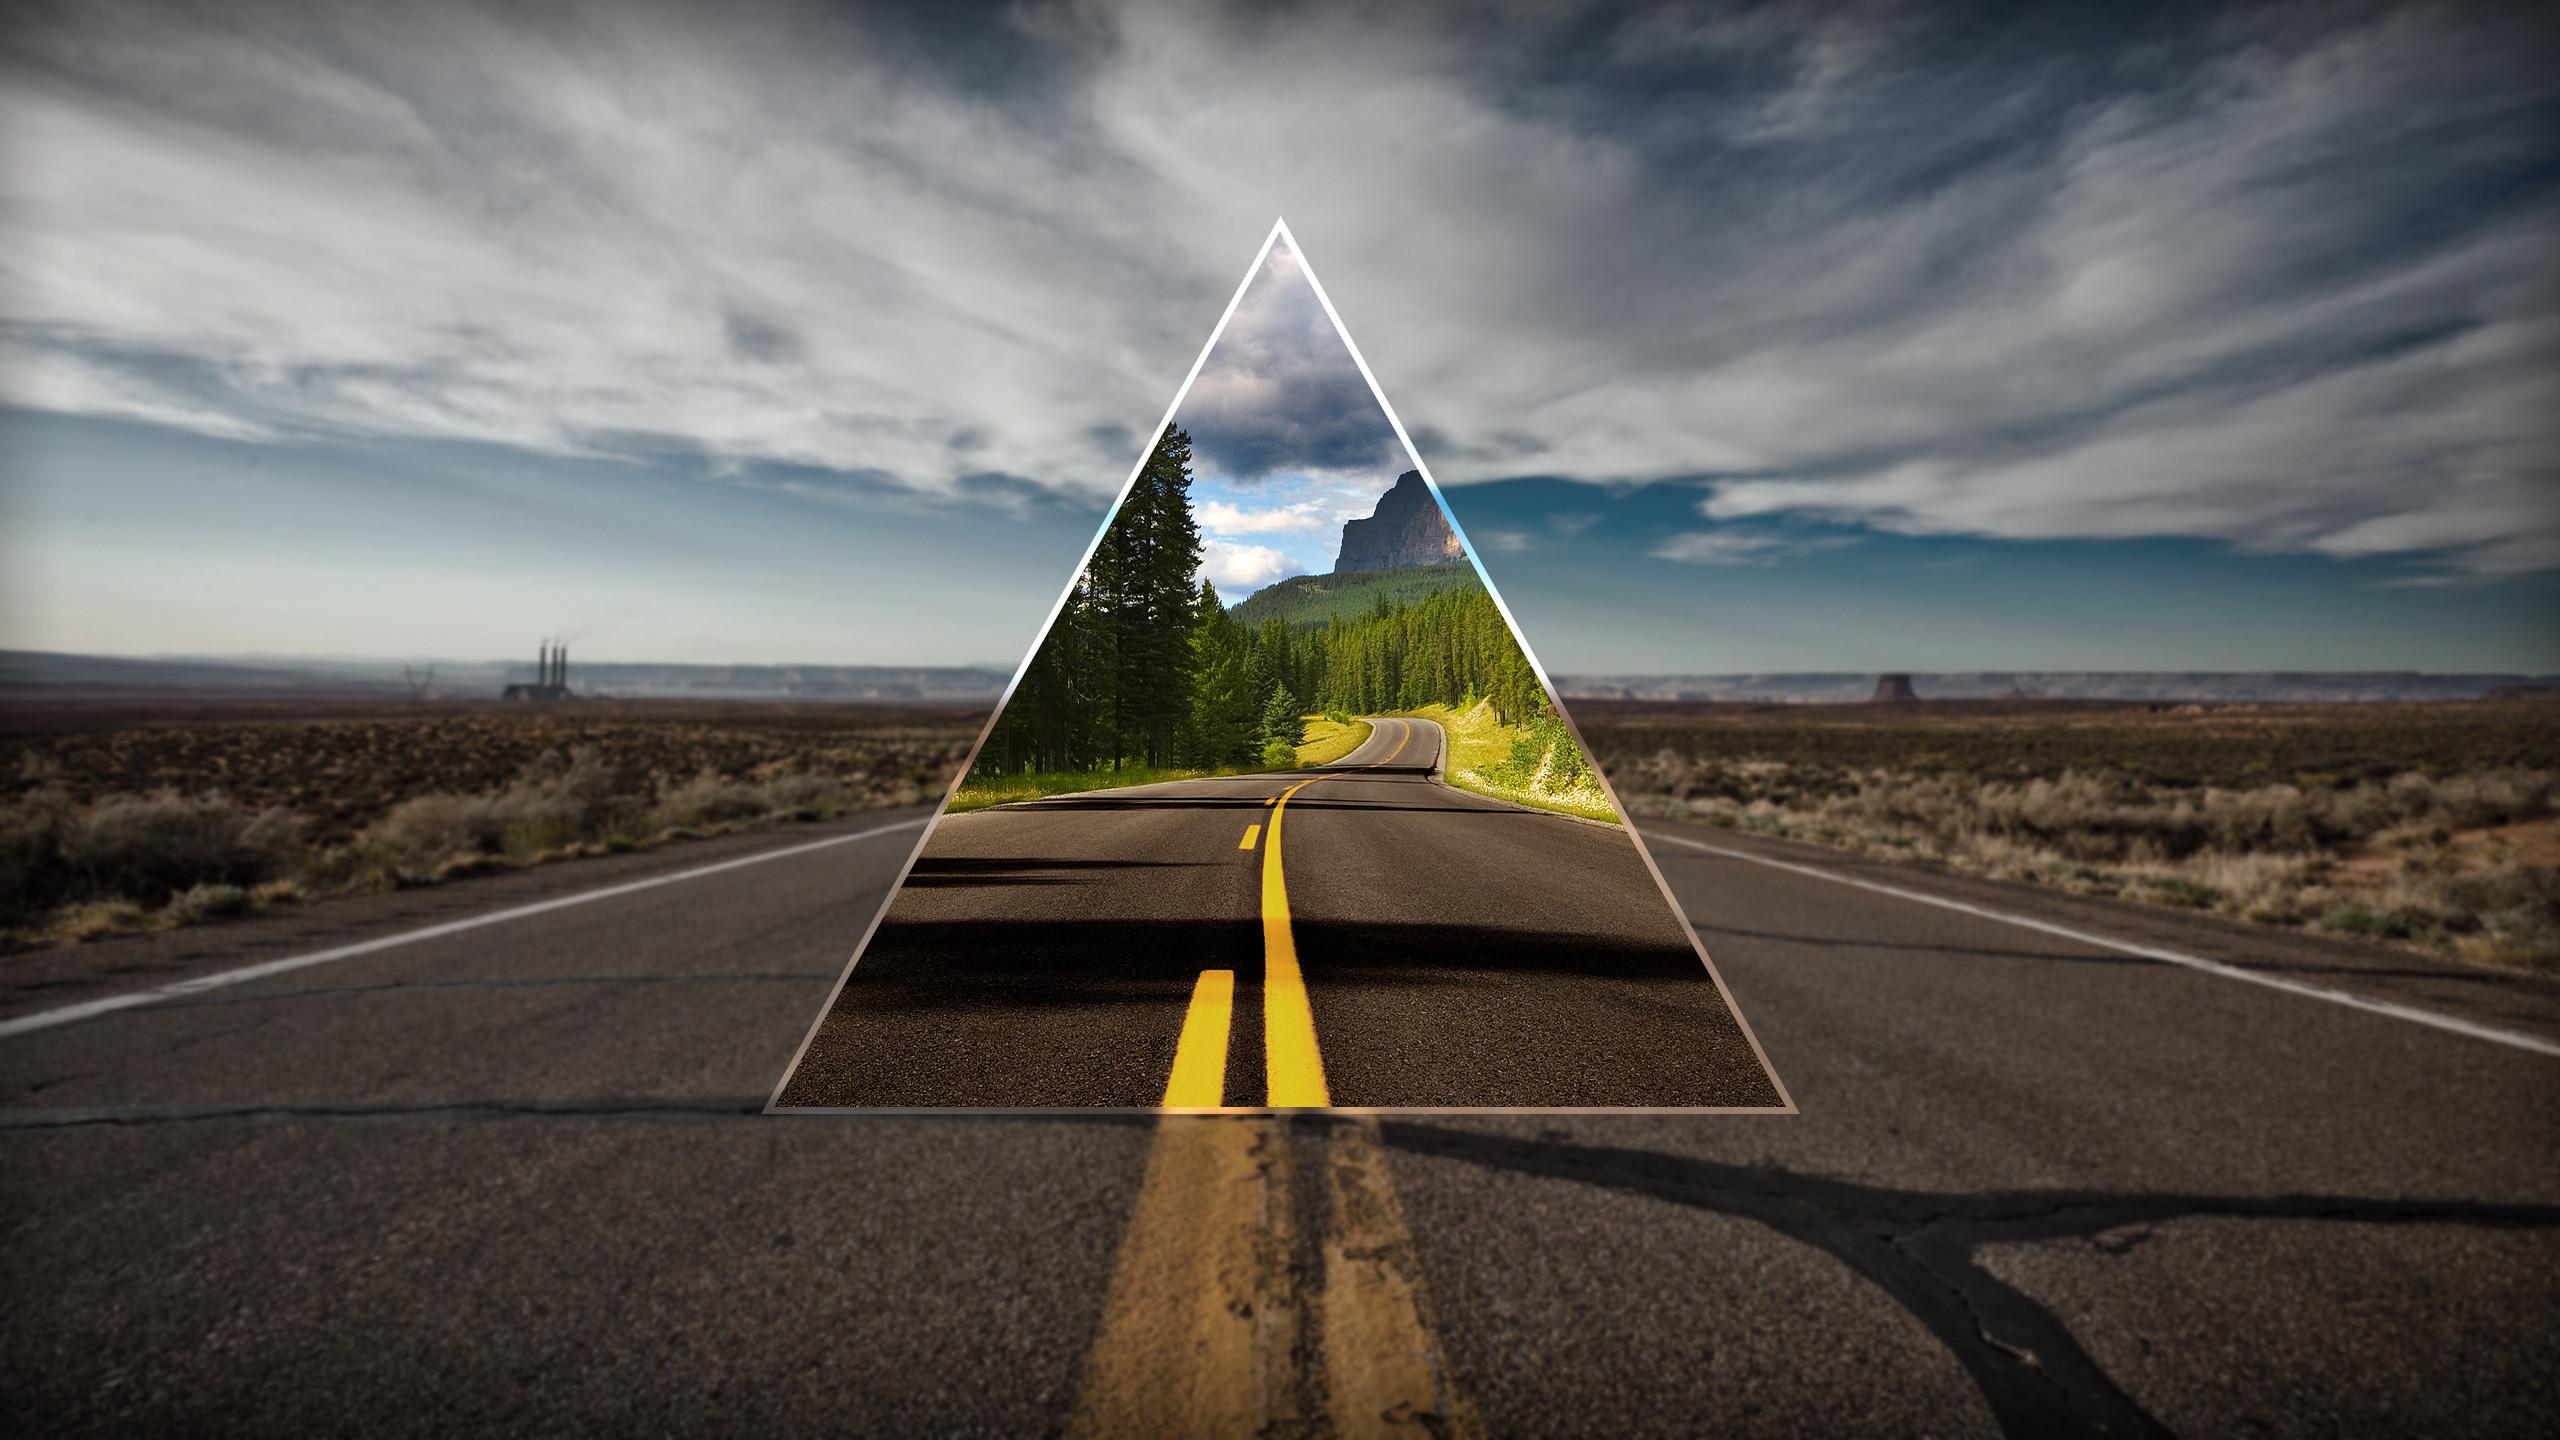 2560x1440 wallpaper road: Road Trip Wallpaper (67+ Images